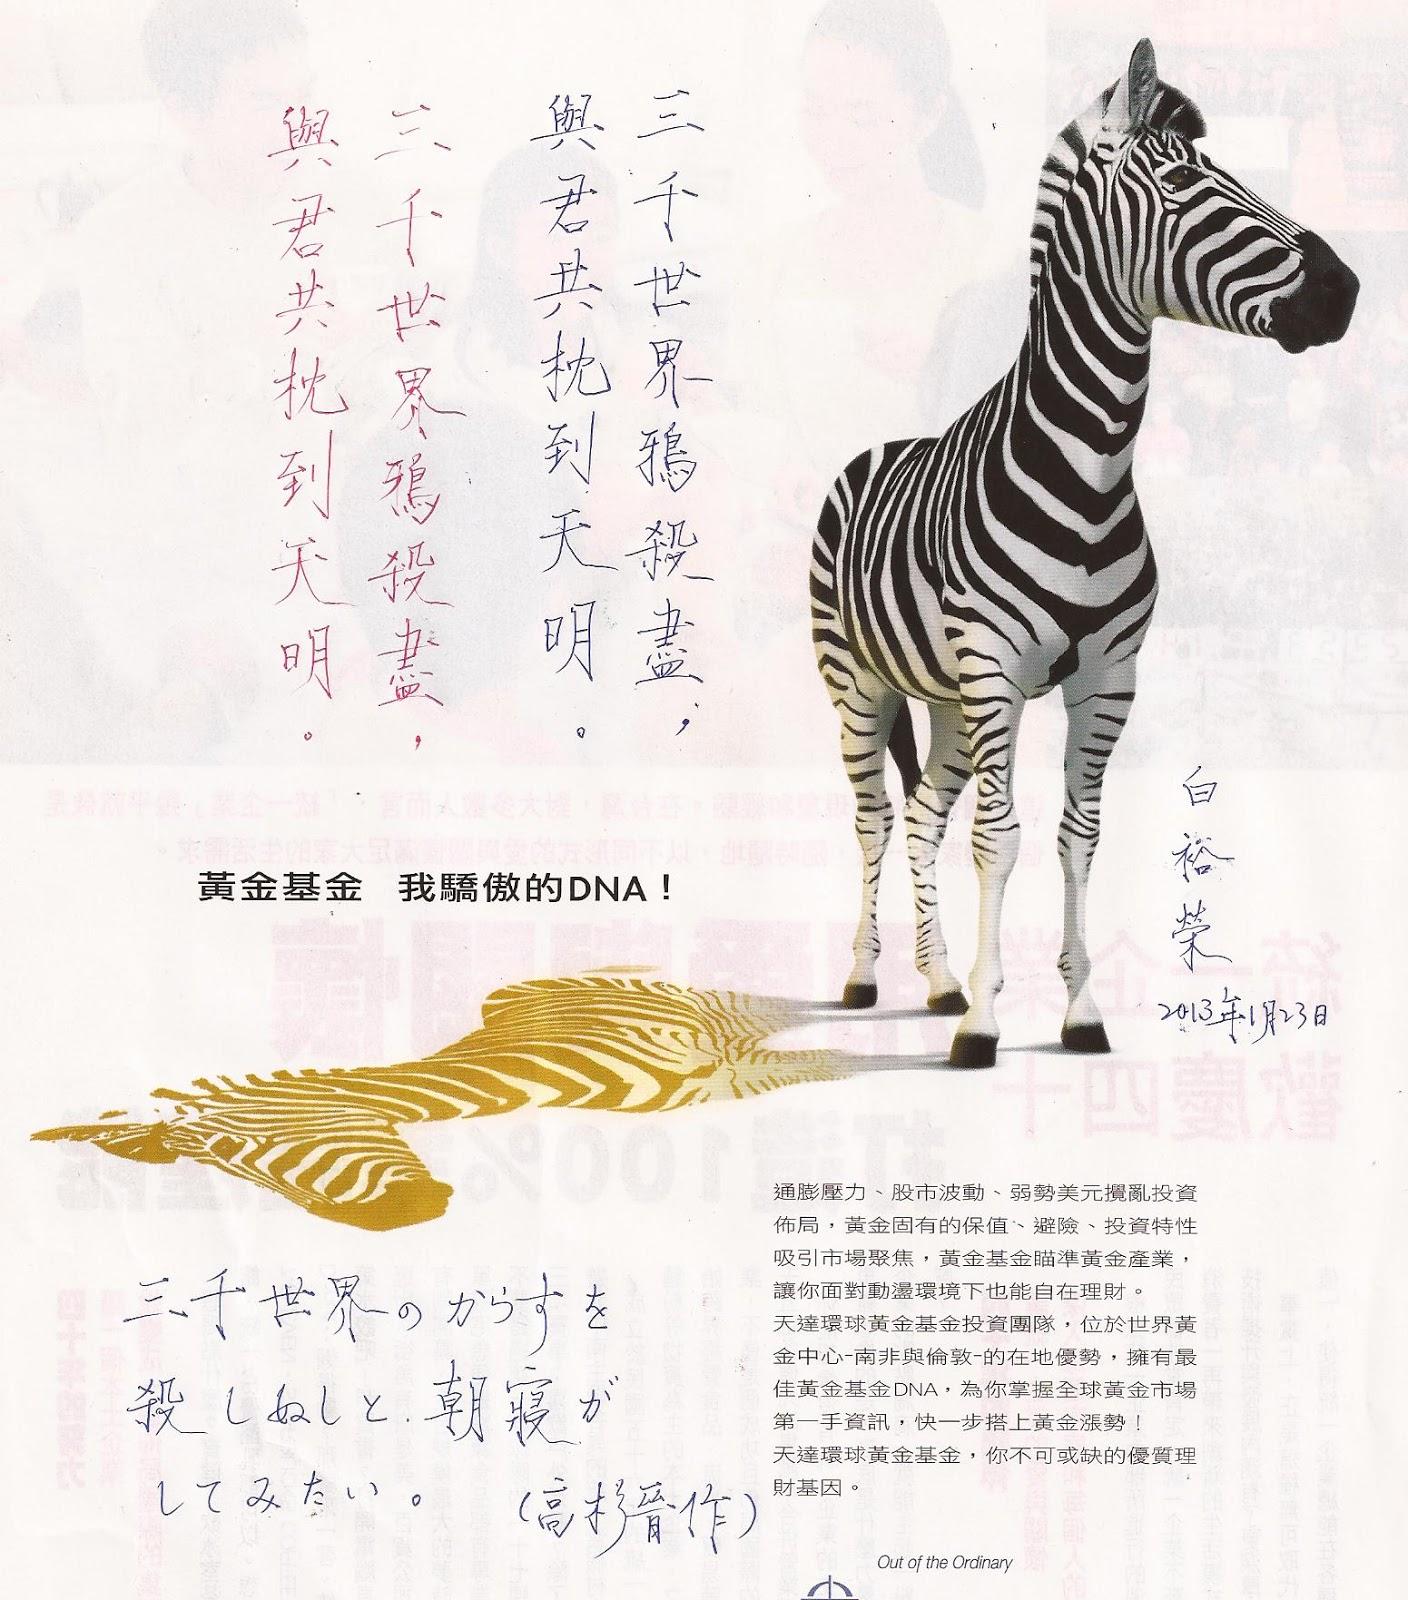 白裕榮 硬筆瘦金體: 一月 2013